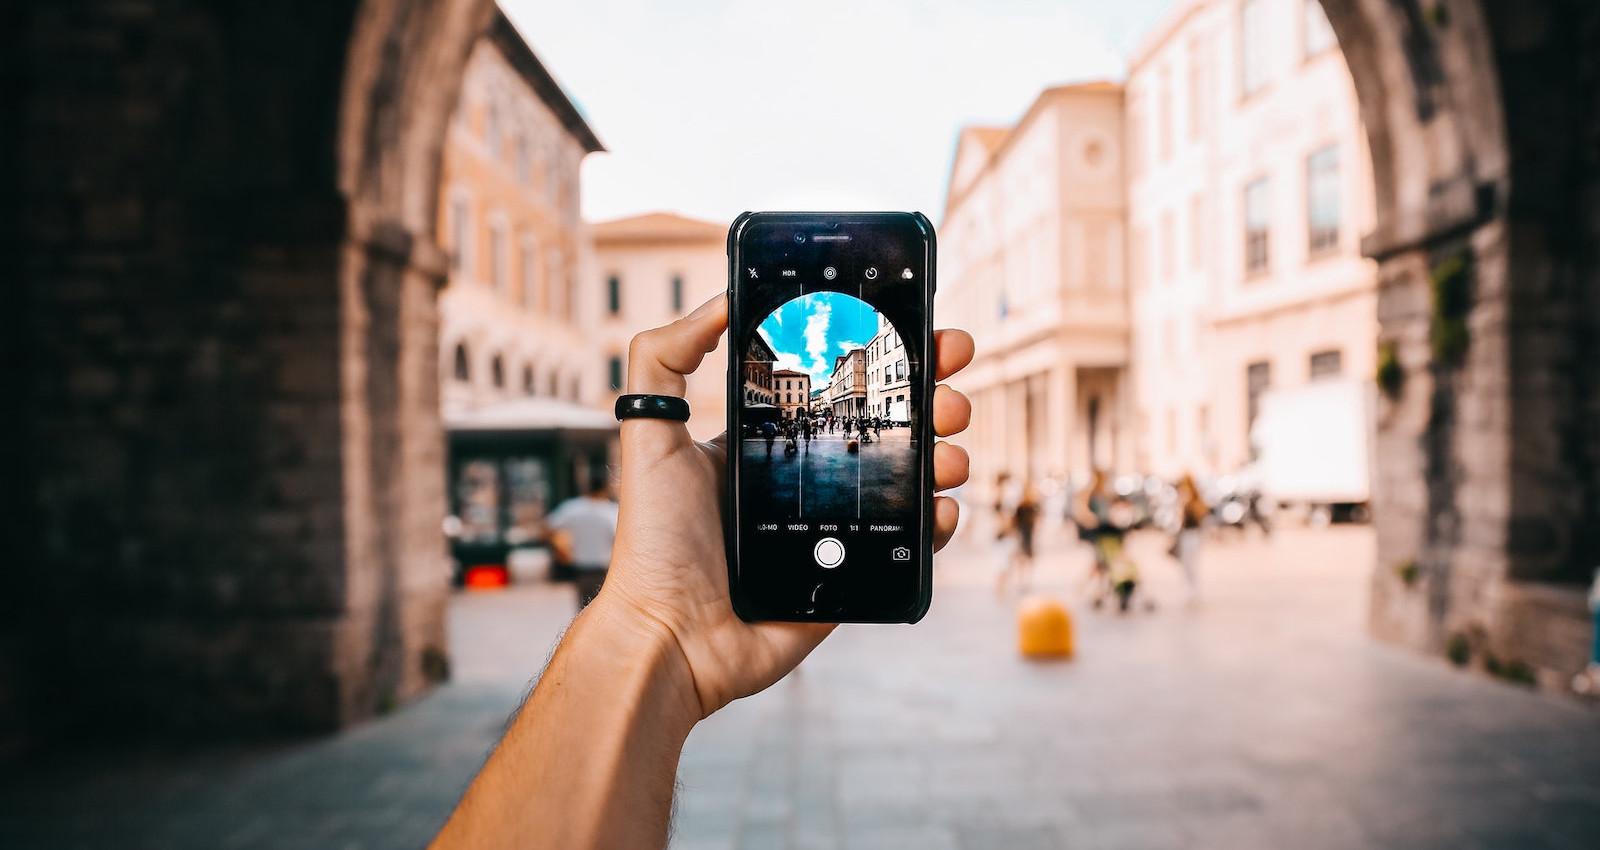 iPhone Speicher voll – Fotos und Videos sofort löschen